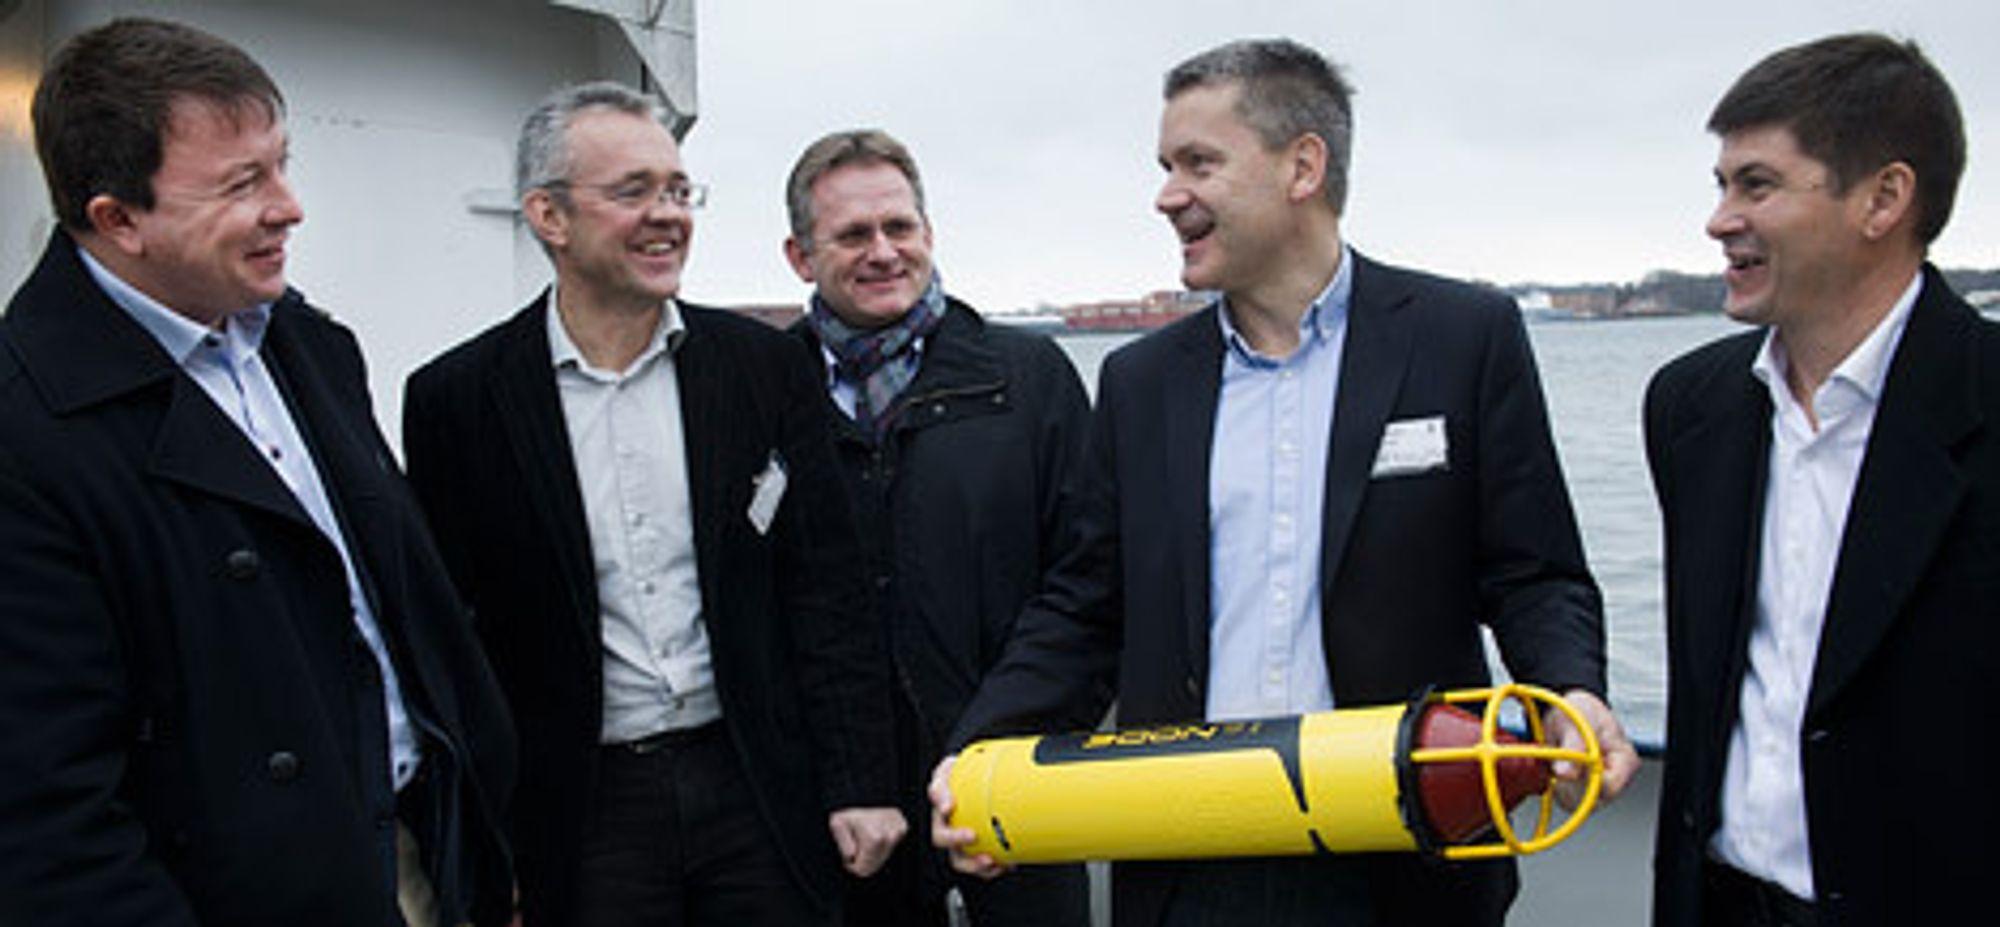 Karl Johnny Hersvik (Statoil), Jens Erik Ramstad (Det Norske Veritas), Morten Thorkildsen (IBM), Vidar Hepsø (Statoil), og Even Aas (Kongsberg Oil & Gas Technologies) ombord i fartøyet Simrad Echo. (Foto: Ole Jørgen Bratland/Statoil)